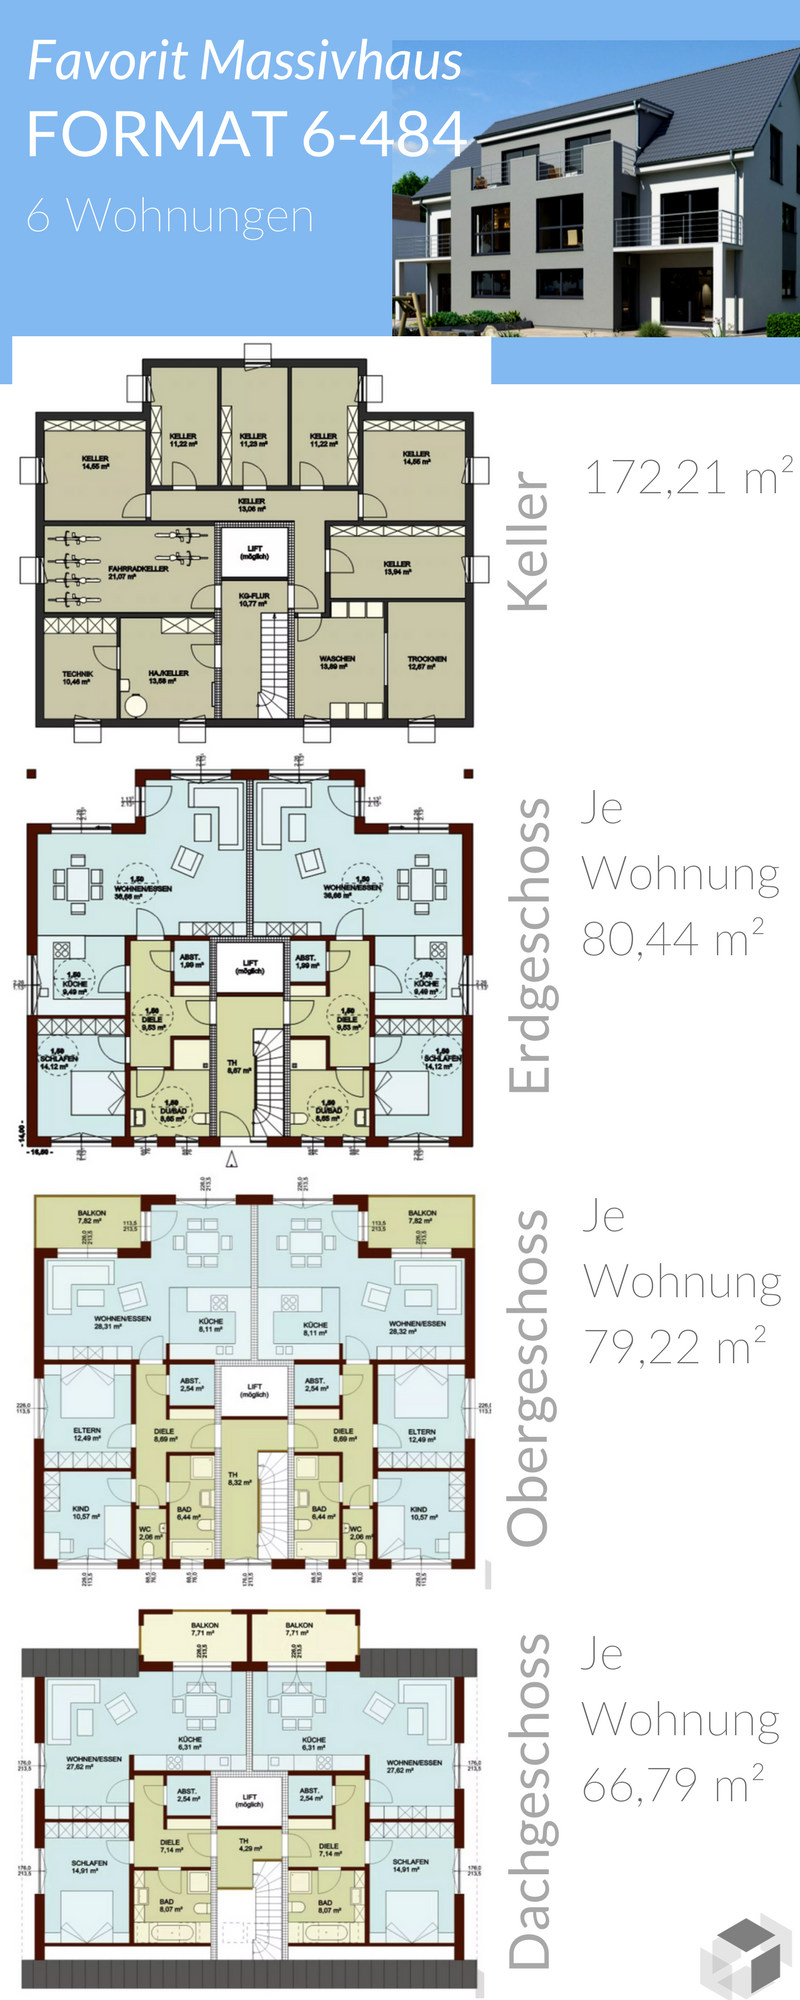 Mehrfamilienhaus mit 6 Wohnungen von Favorit Massivhaus